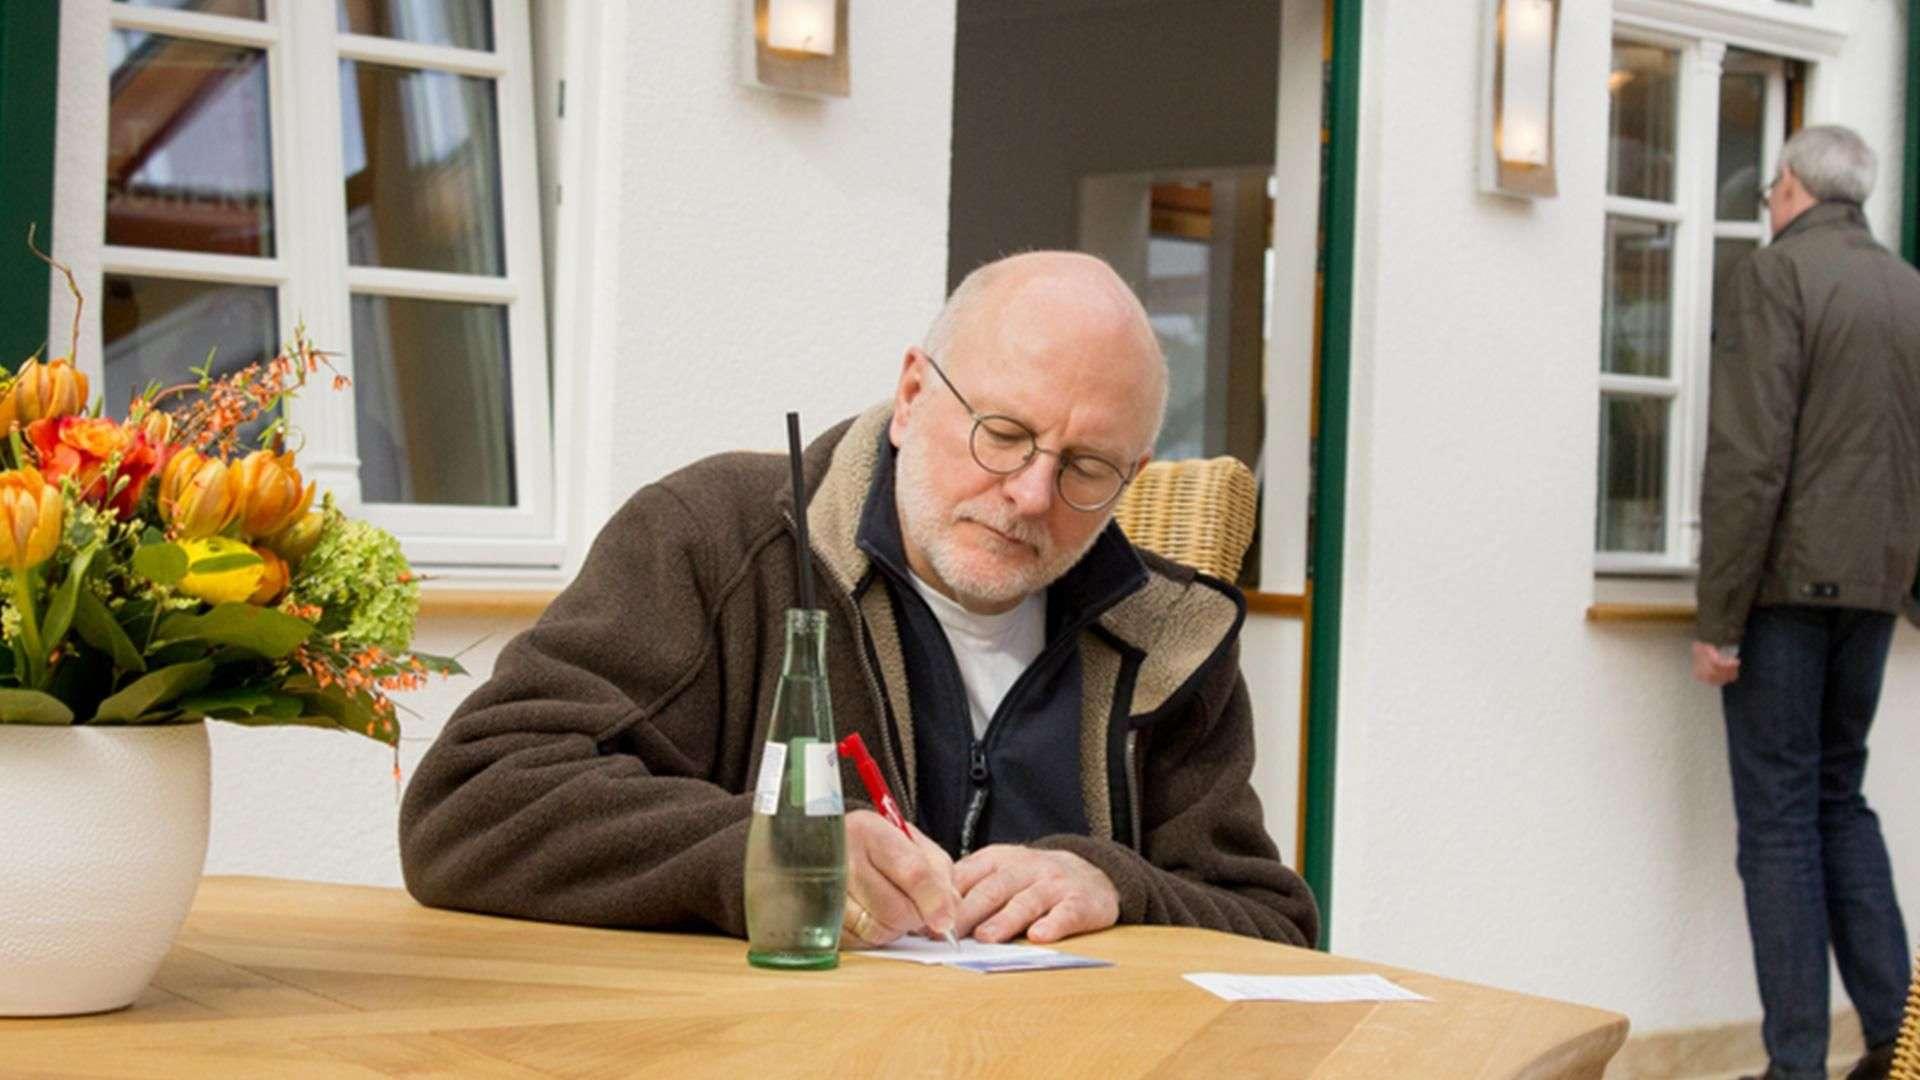 Mann sitzt an einem Tisch und schreibt etwas in der Ausstellung der Tischlerei Gleue in Lindwedel